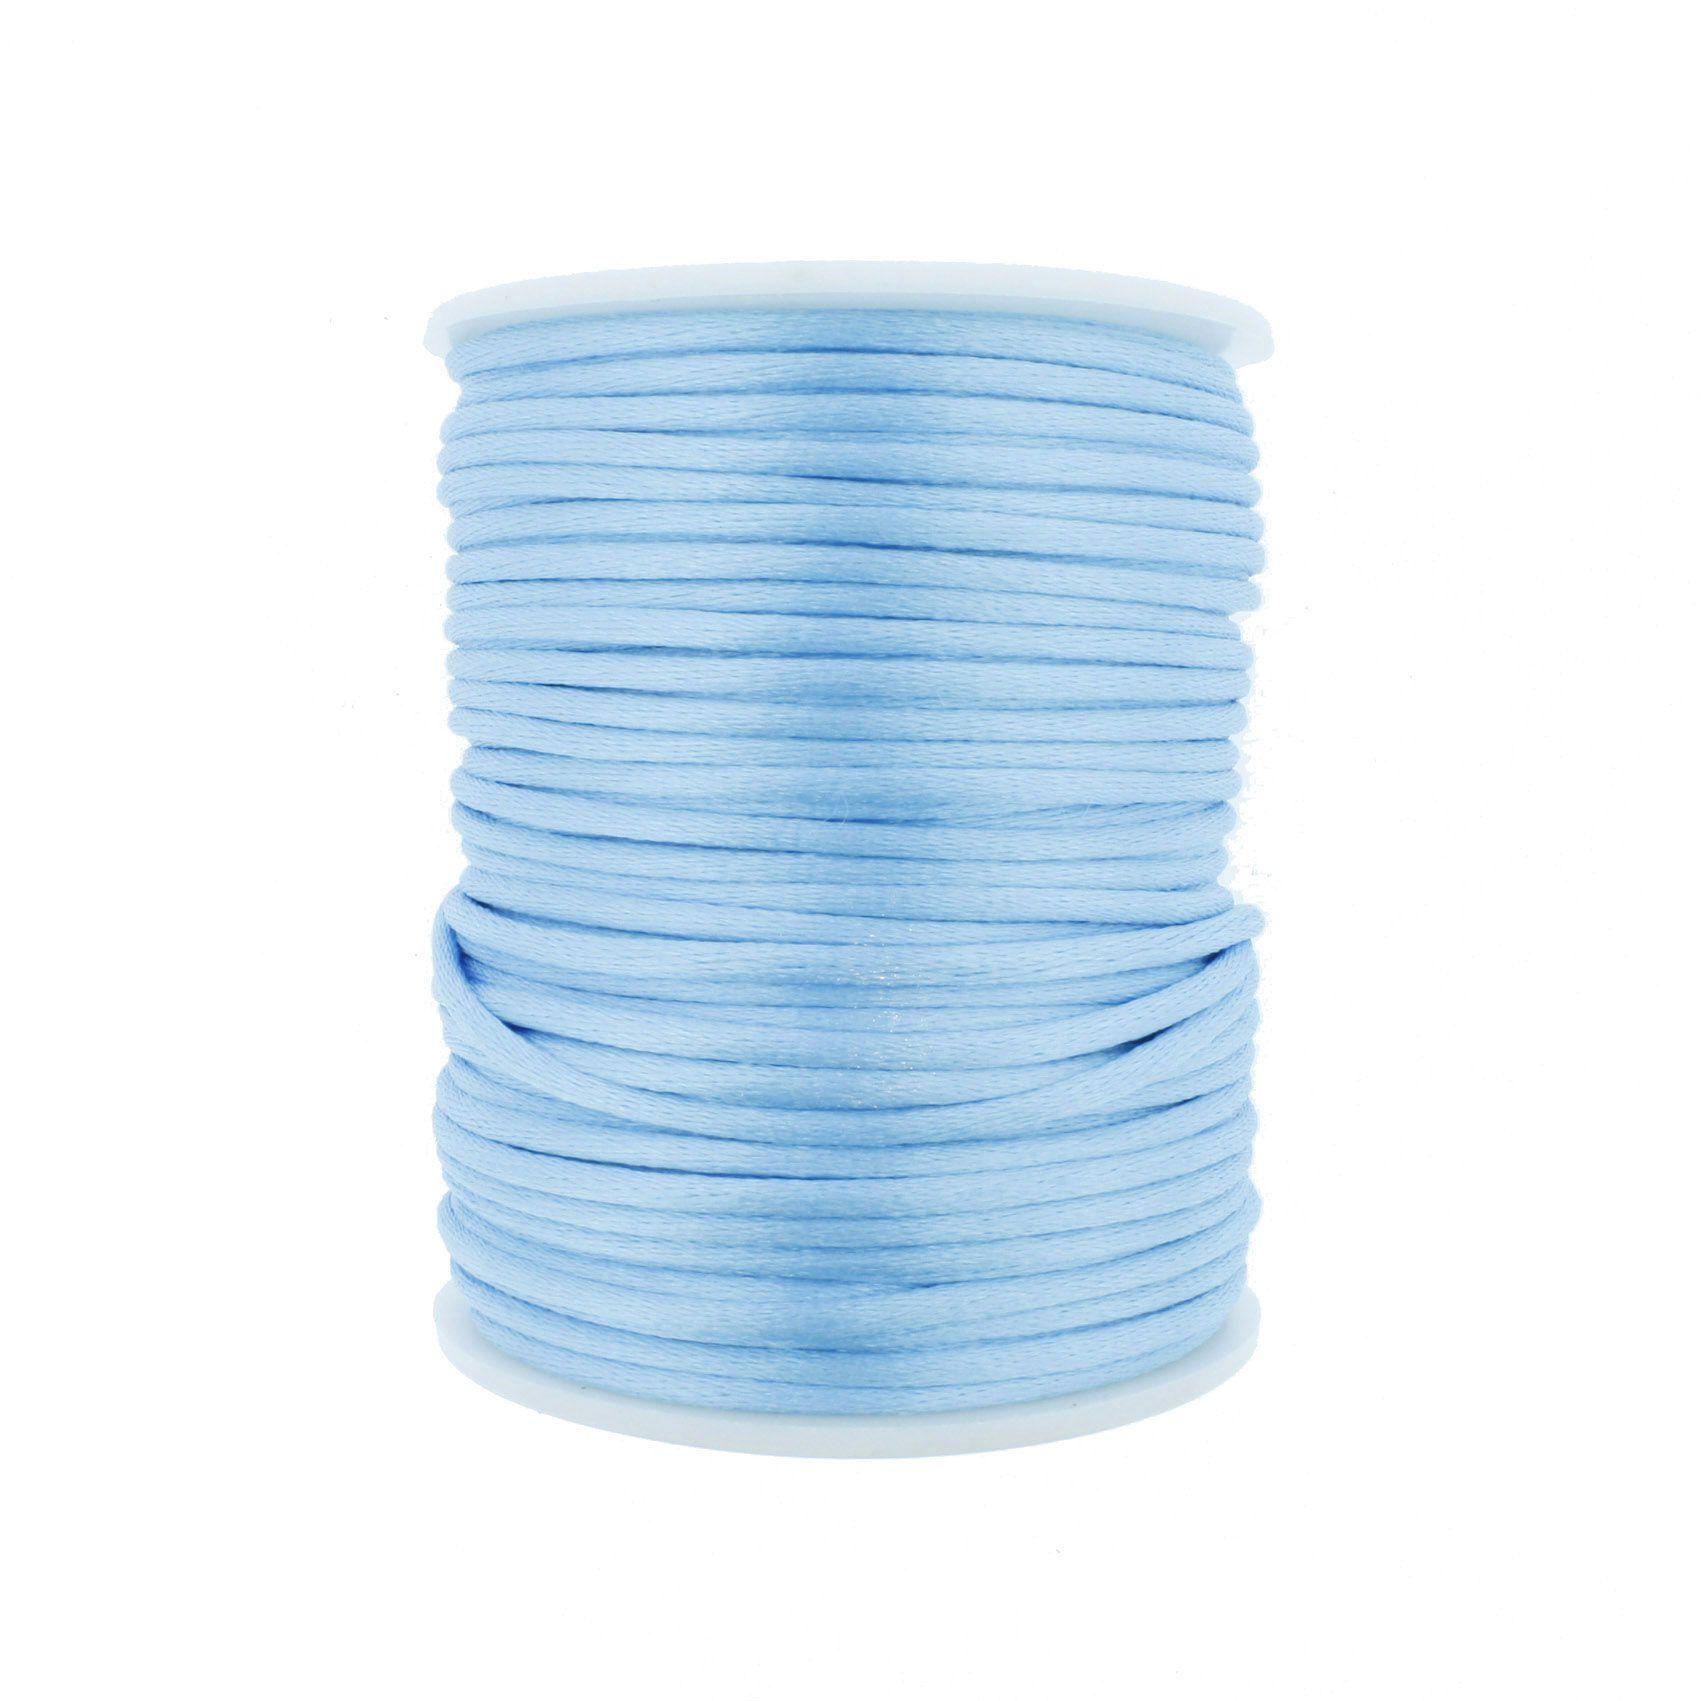 Cordão de Seda - Azul Claro - 2mm  - Stéphanie Bijoux® - Peças para Bijuterias e Artesanato